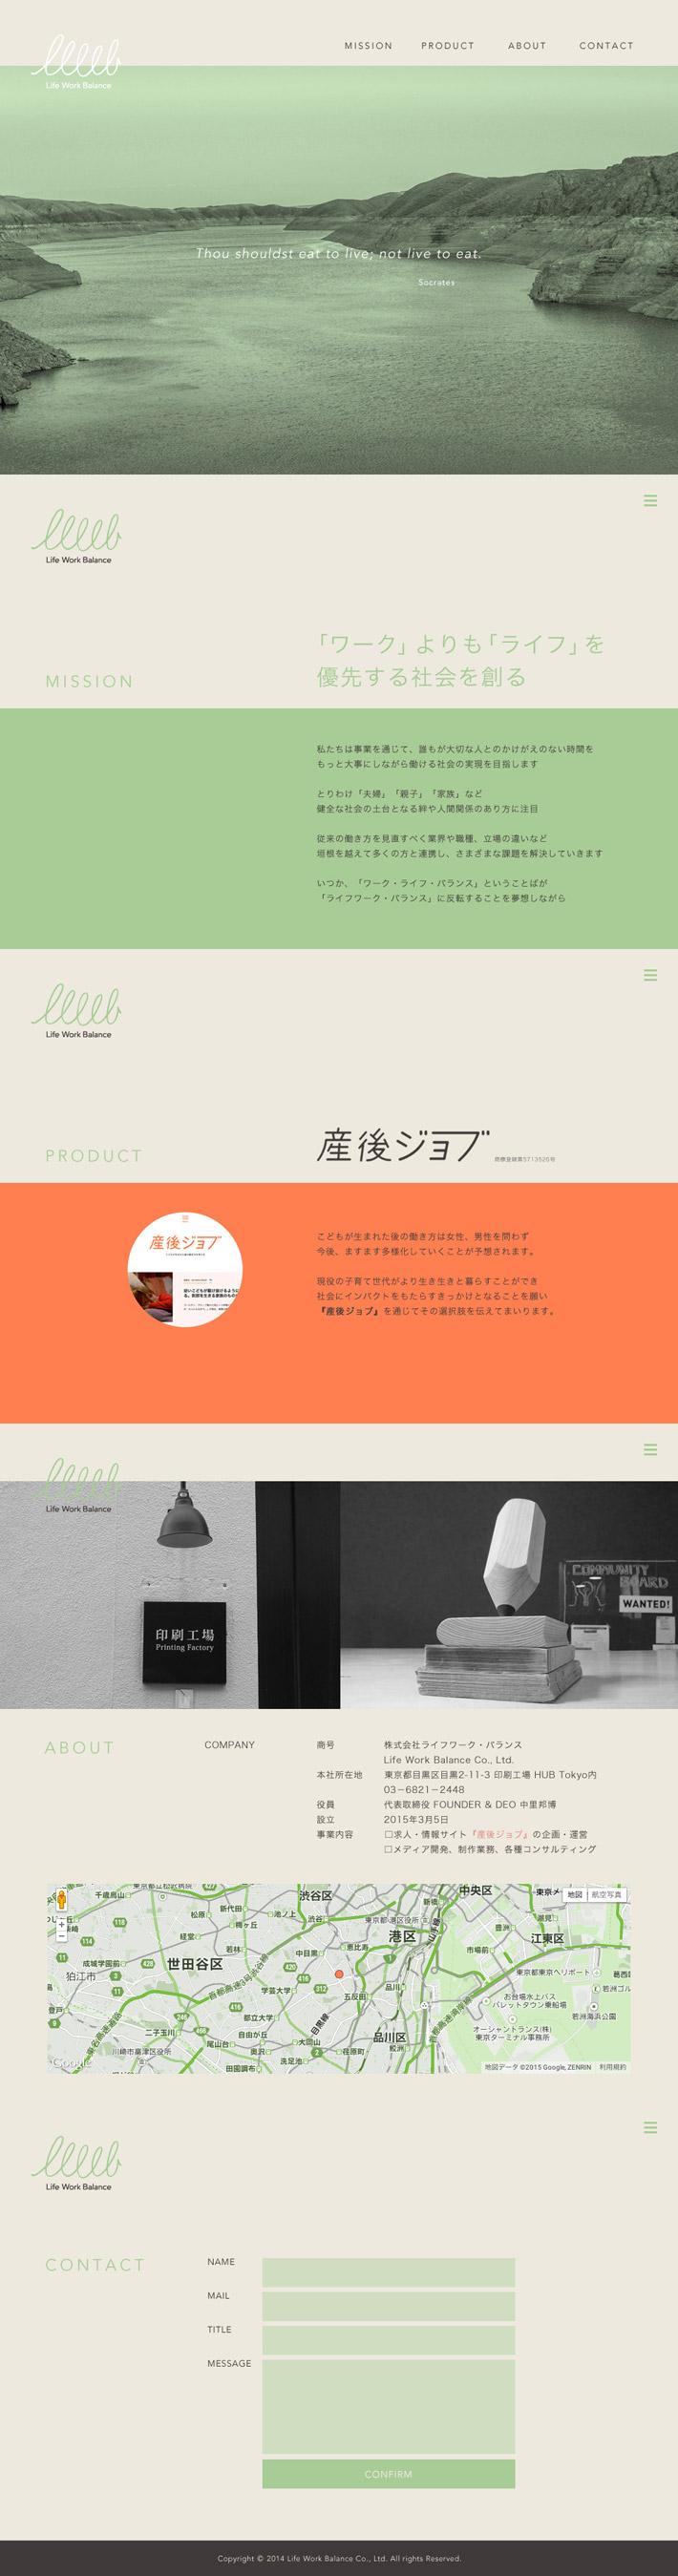 150330_LWB_web